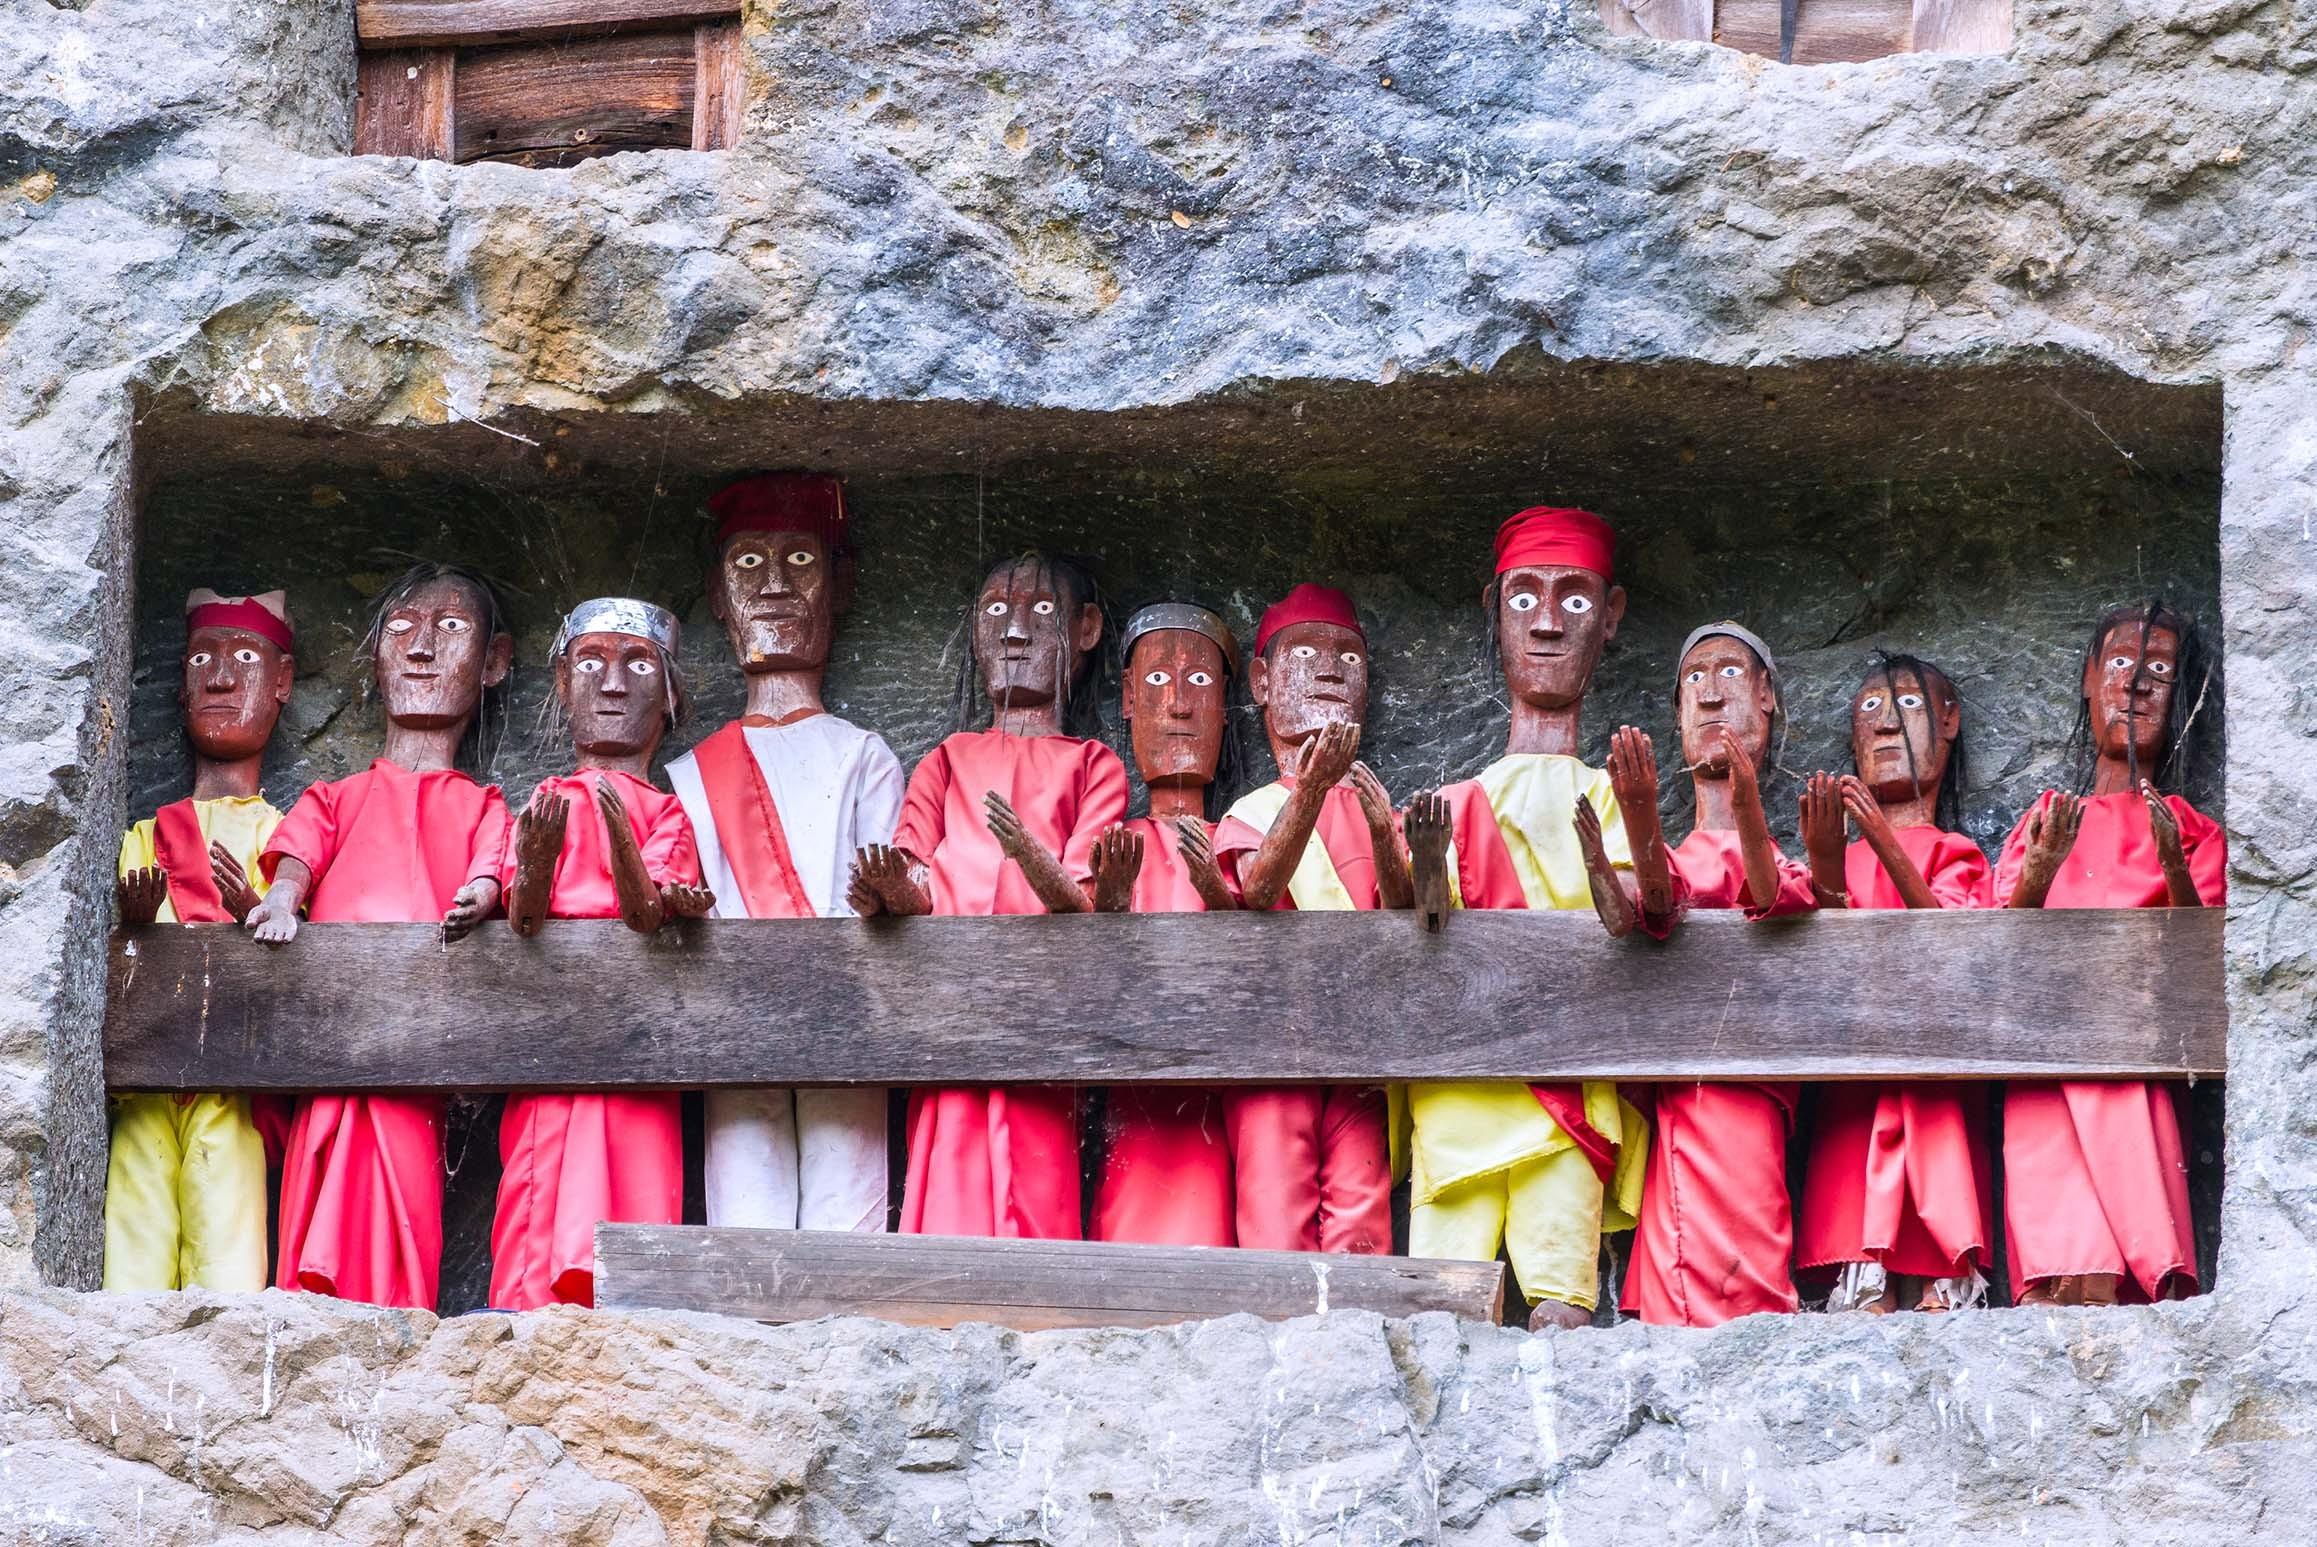 Tau-Tau en bois, des effigies des proches décédés, gardant des tombes sculptées dans des faces verticales de calcaire (Tana Toraja, Sulawesi, Indonésie). Source : http://www.indonesia.travel/en/destination/point-of-interest/<em>tau-tau</em>-statues